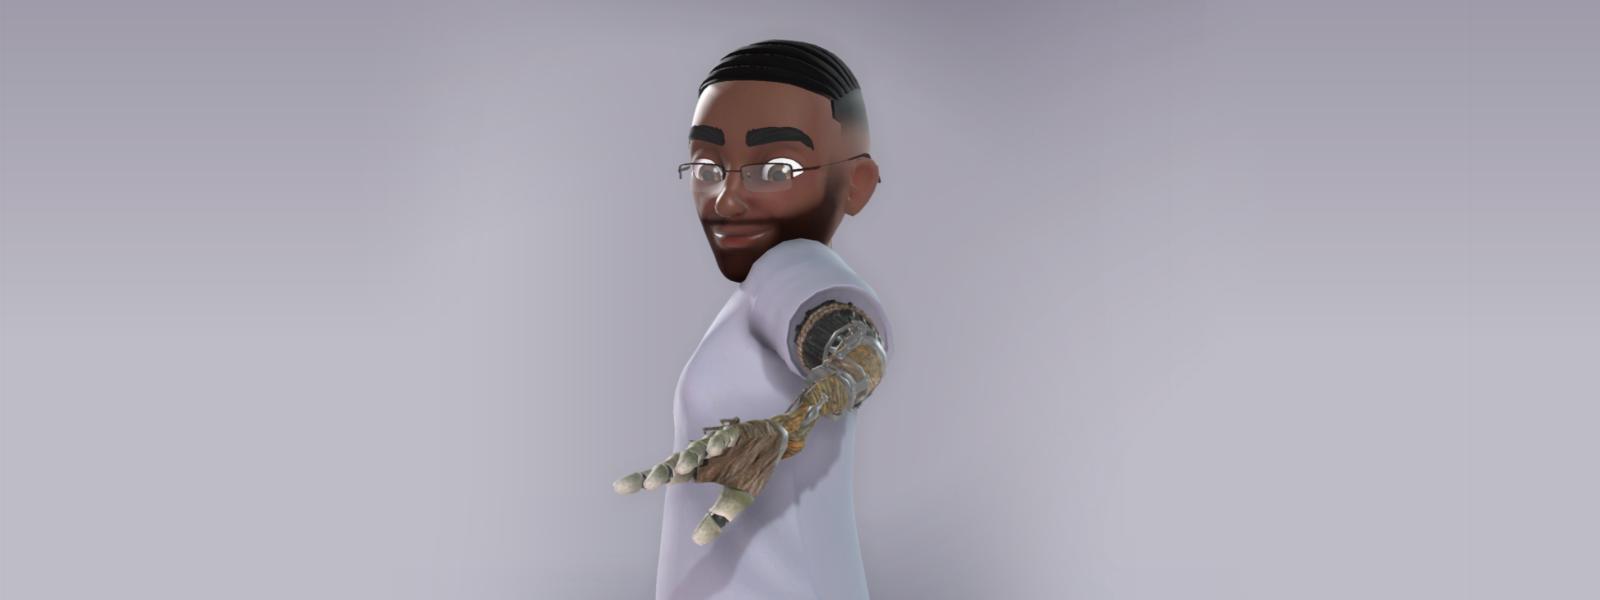 Eine Xbox-Avatar-Figur schaut sich seinen Prothesenarm an